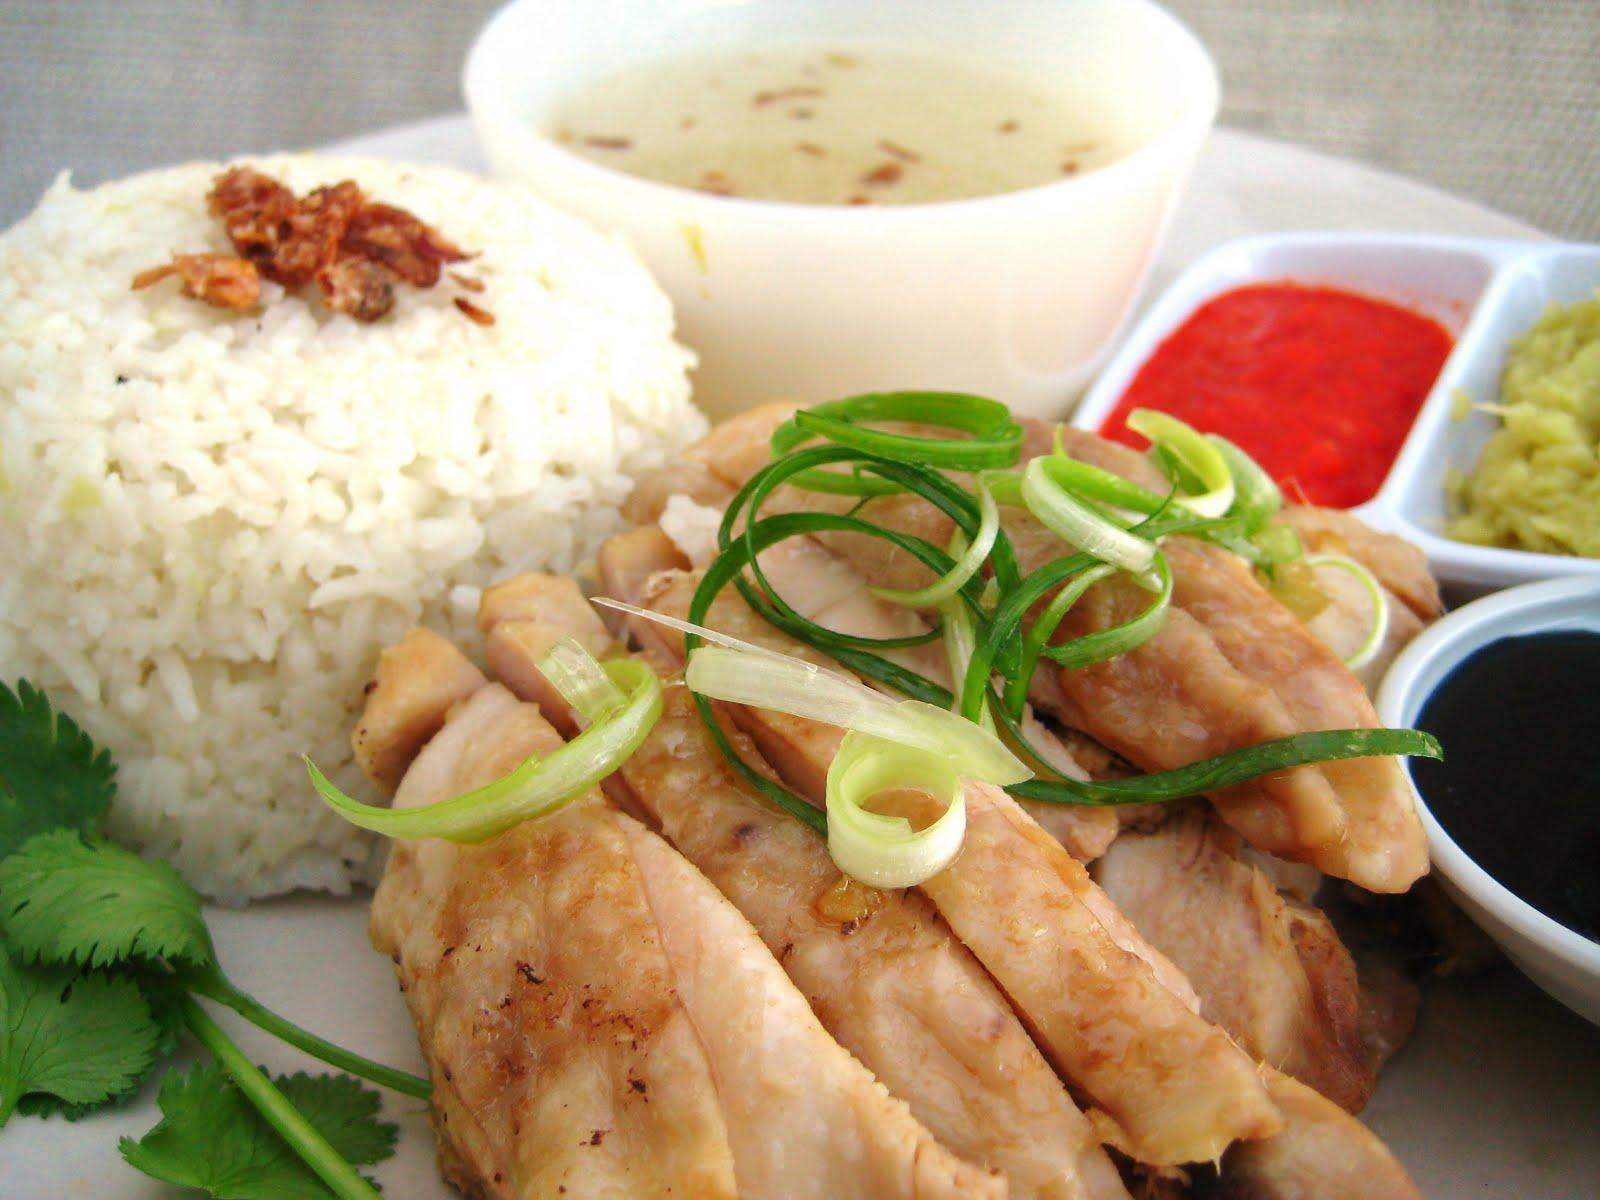 クアラルンプール人気観光スポット&おすすめマレーシア料理5選